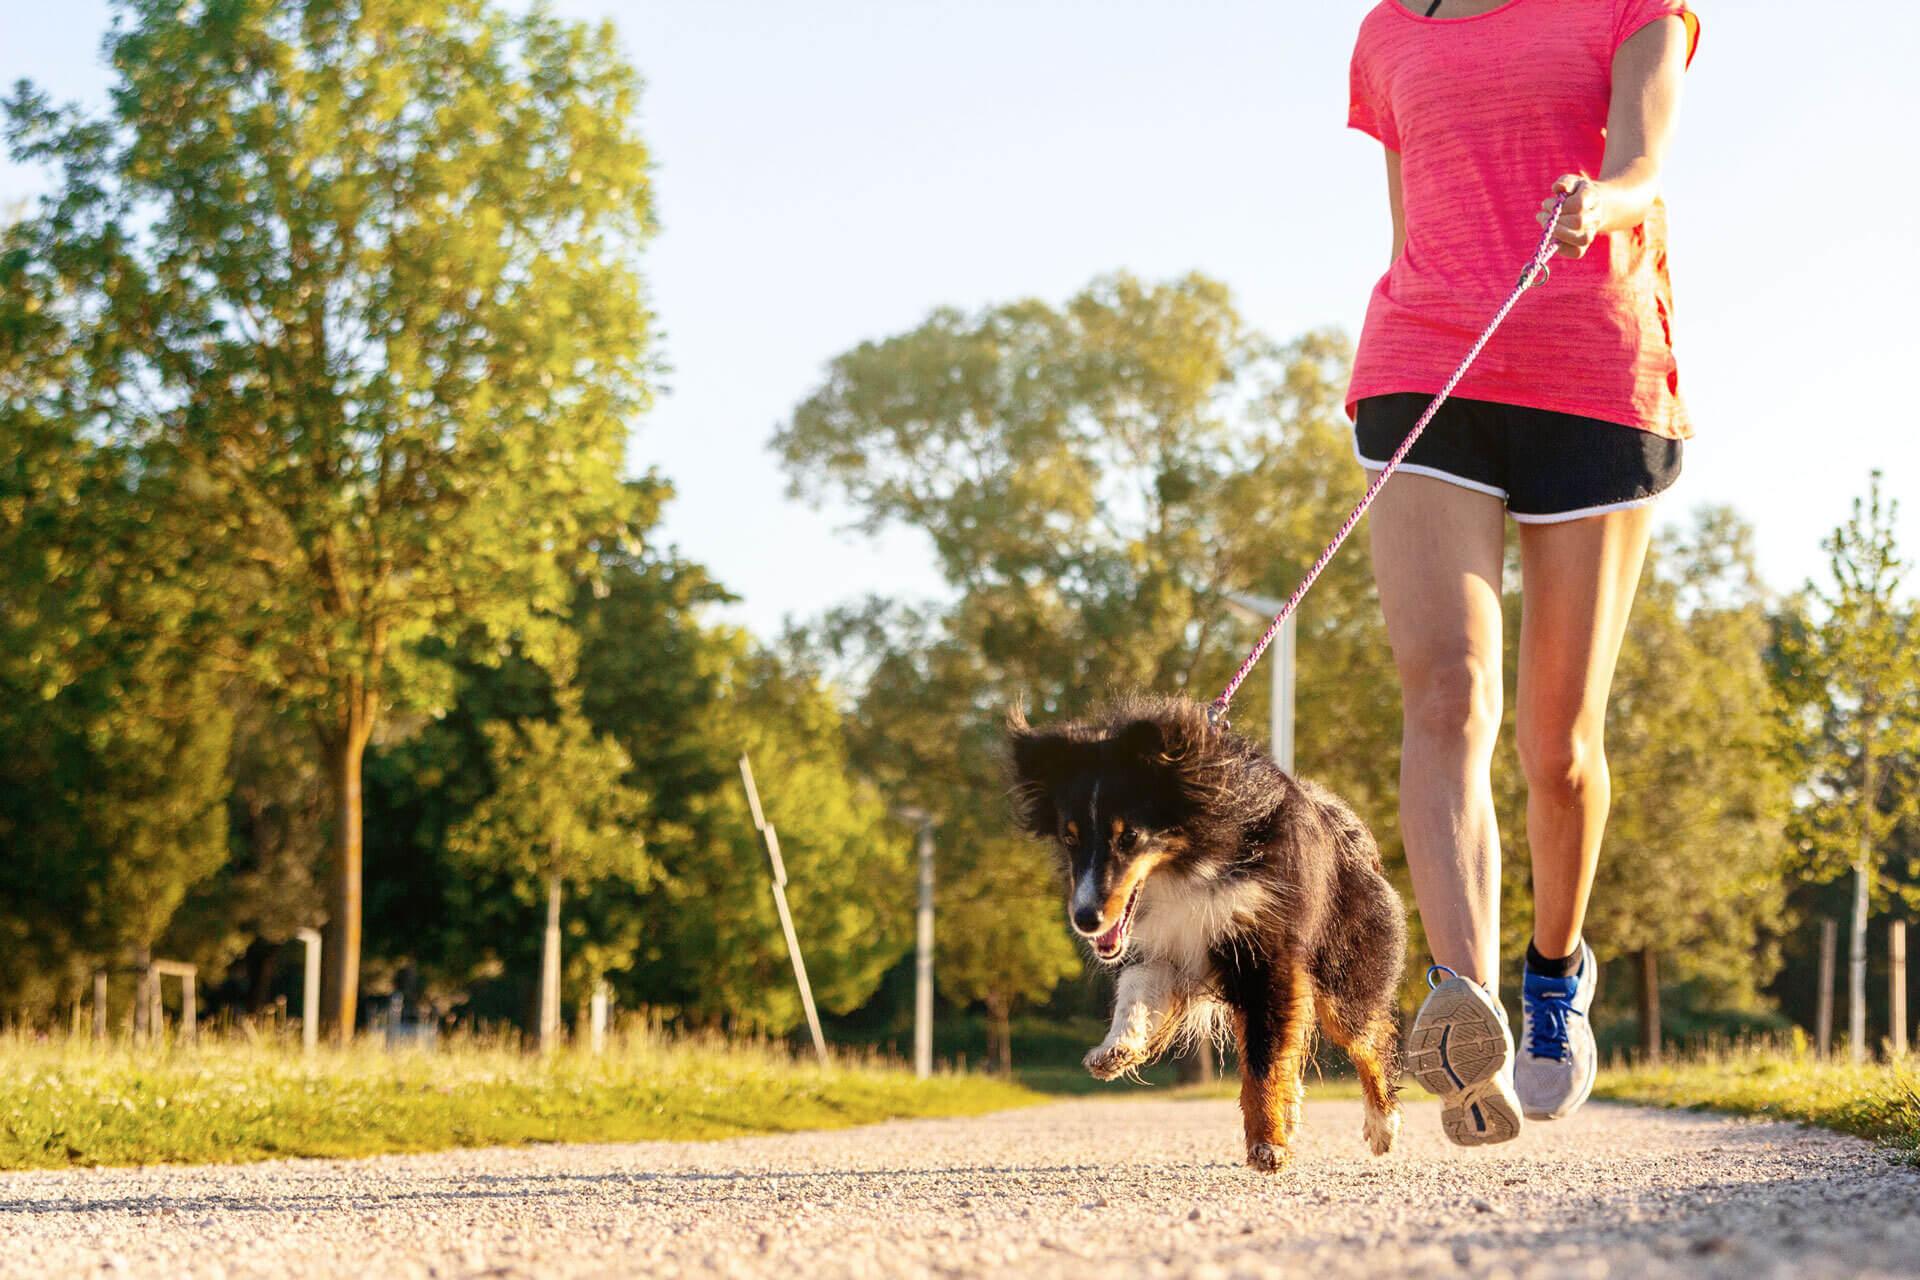 Der ultimative Leitfaden für fitte und gesunde Hunde, Aktivitätstracking & Maßnahmen gegen Übergewicht bei Hunden